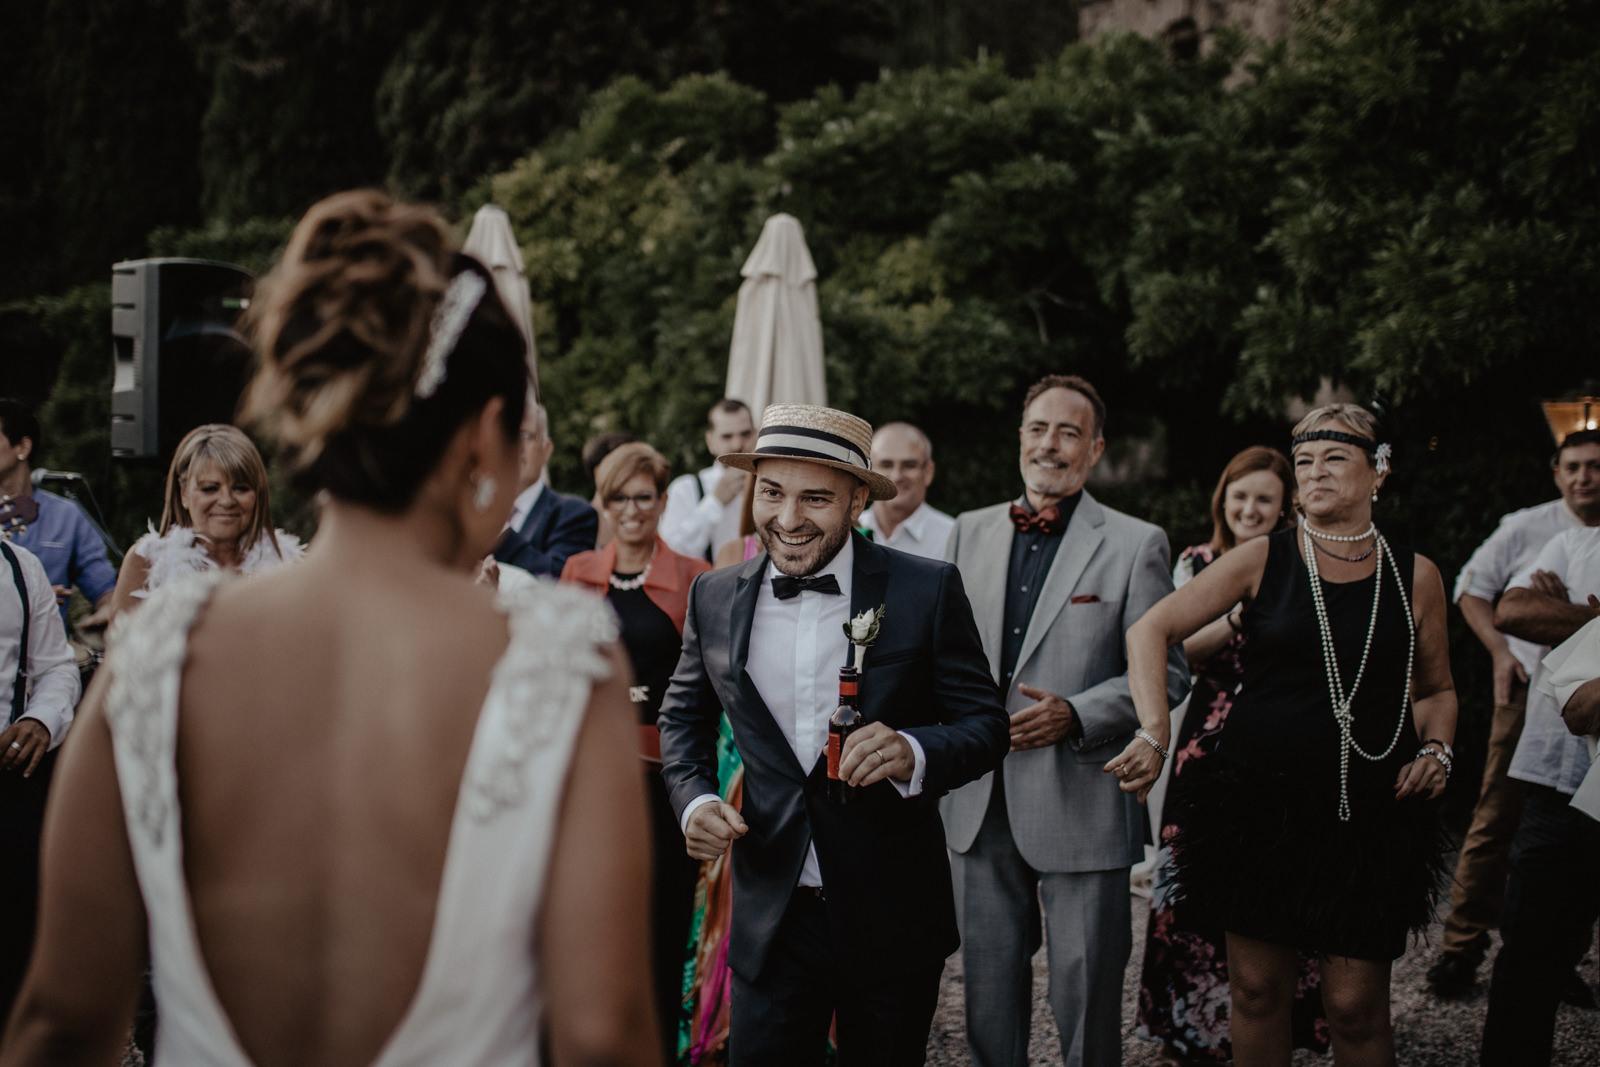 thenortherngirlphotography_photography_thenortherngirl_rebeccascabros_wedding_weddingphotography_weddingphotographer_barcelona_bodaenlabaronia_labaronia_japanesewedding_destinationwedding_shokoalbert-658.jpg